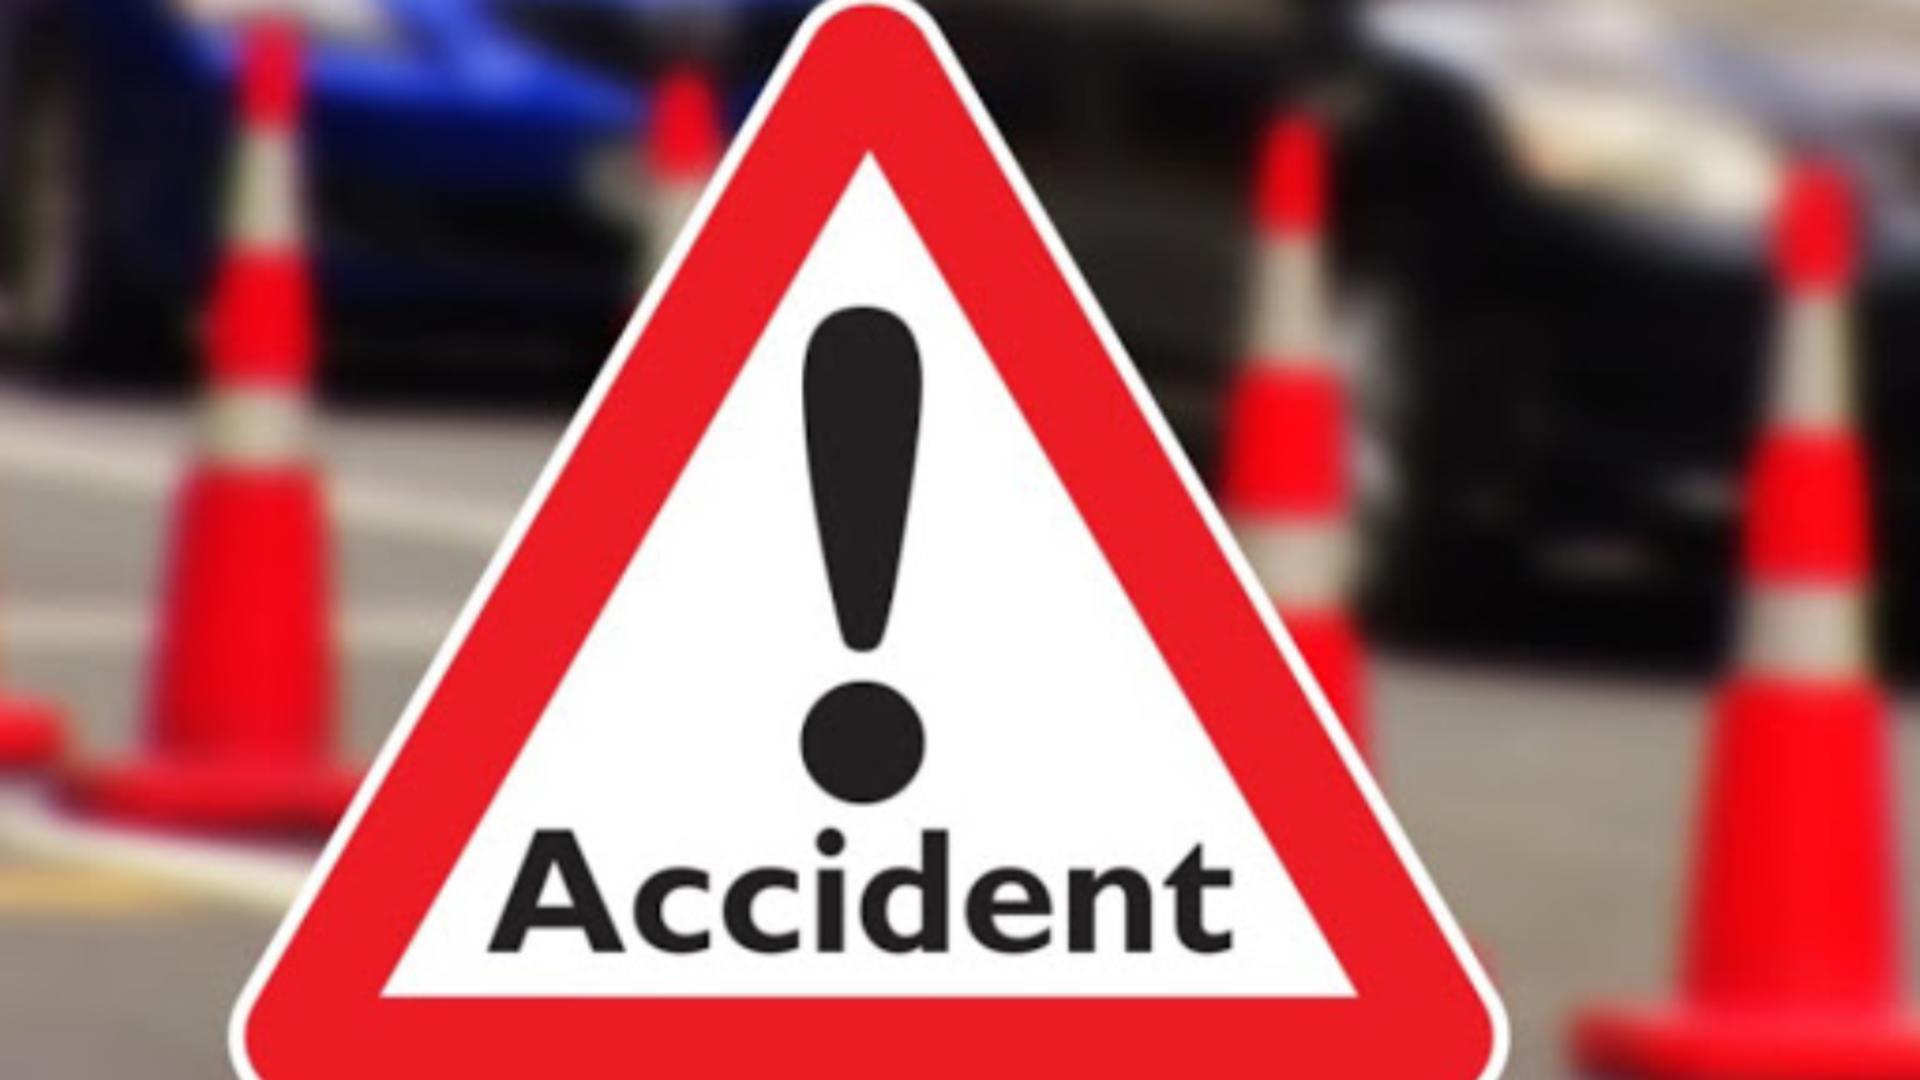 România, pe primul loc în UE în topul negru al accidentelor rutiere mortale